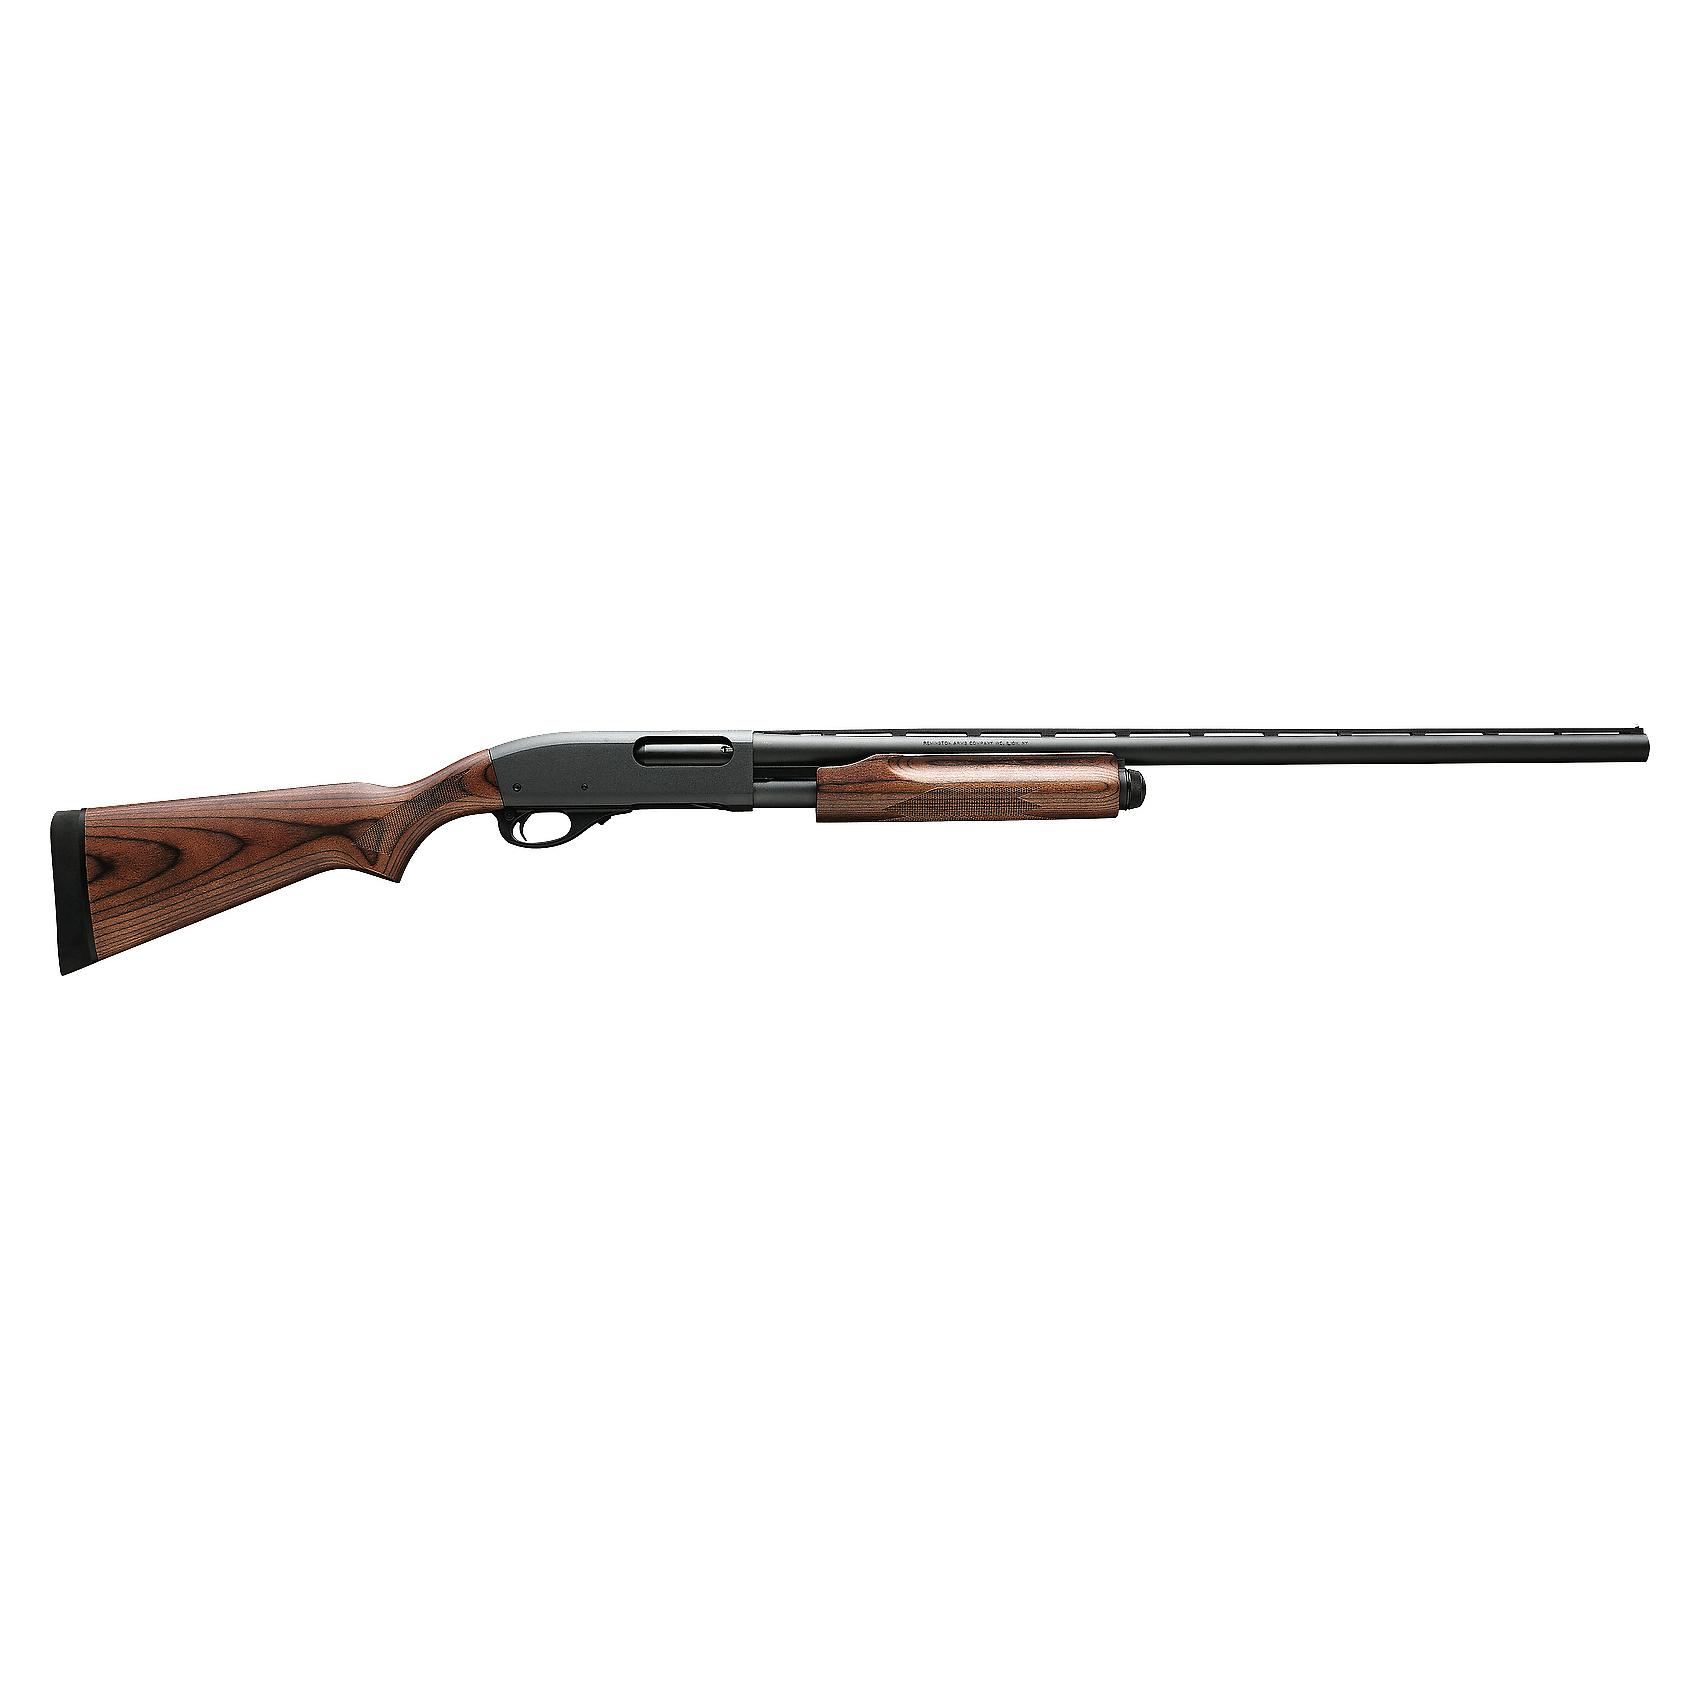 Remington Model 870 Express LH Shotgun